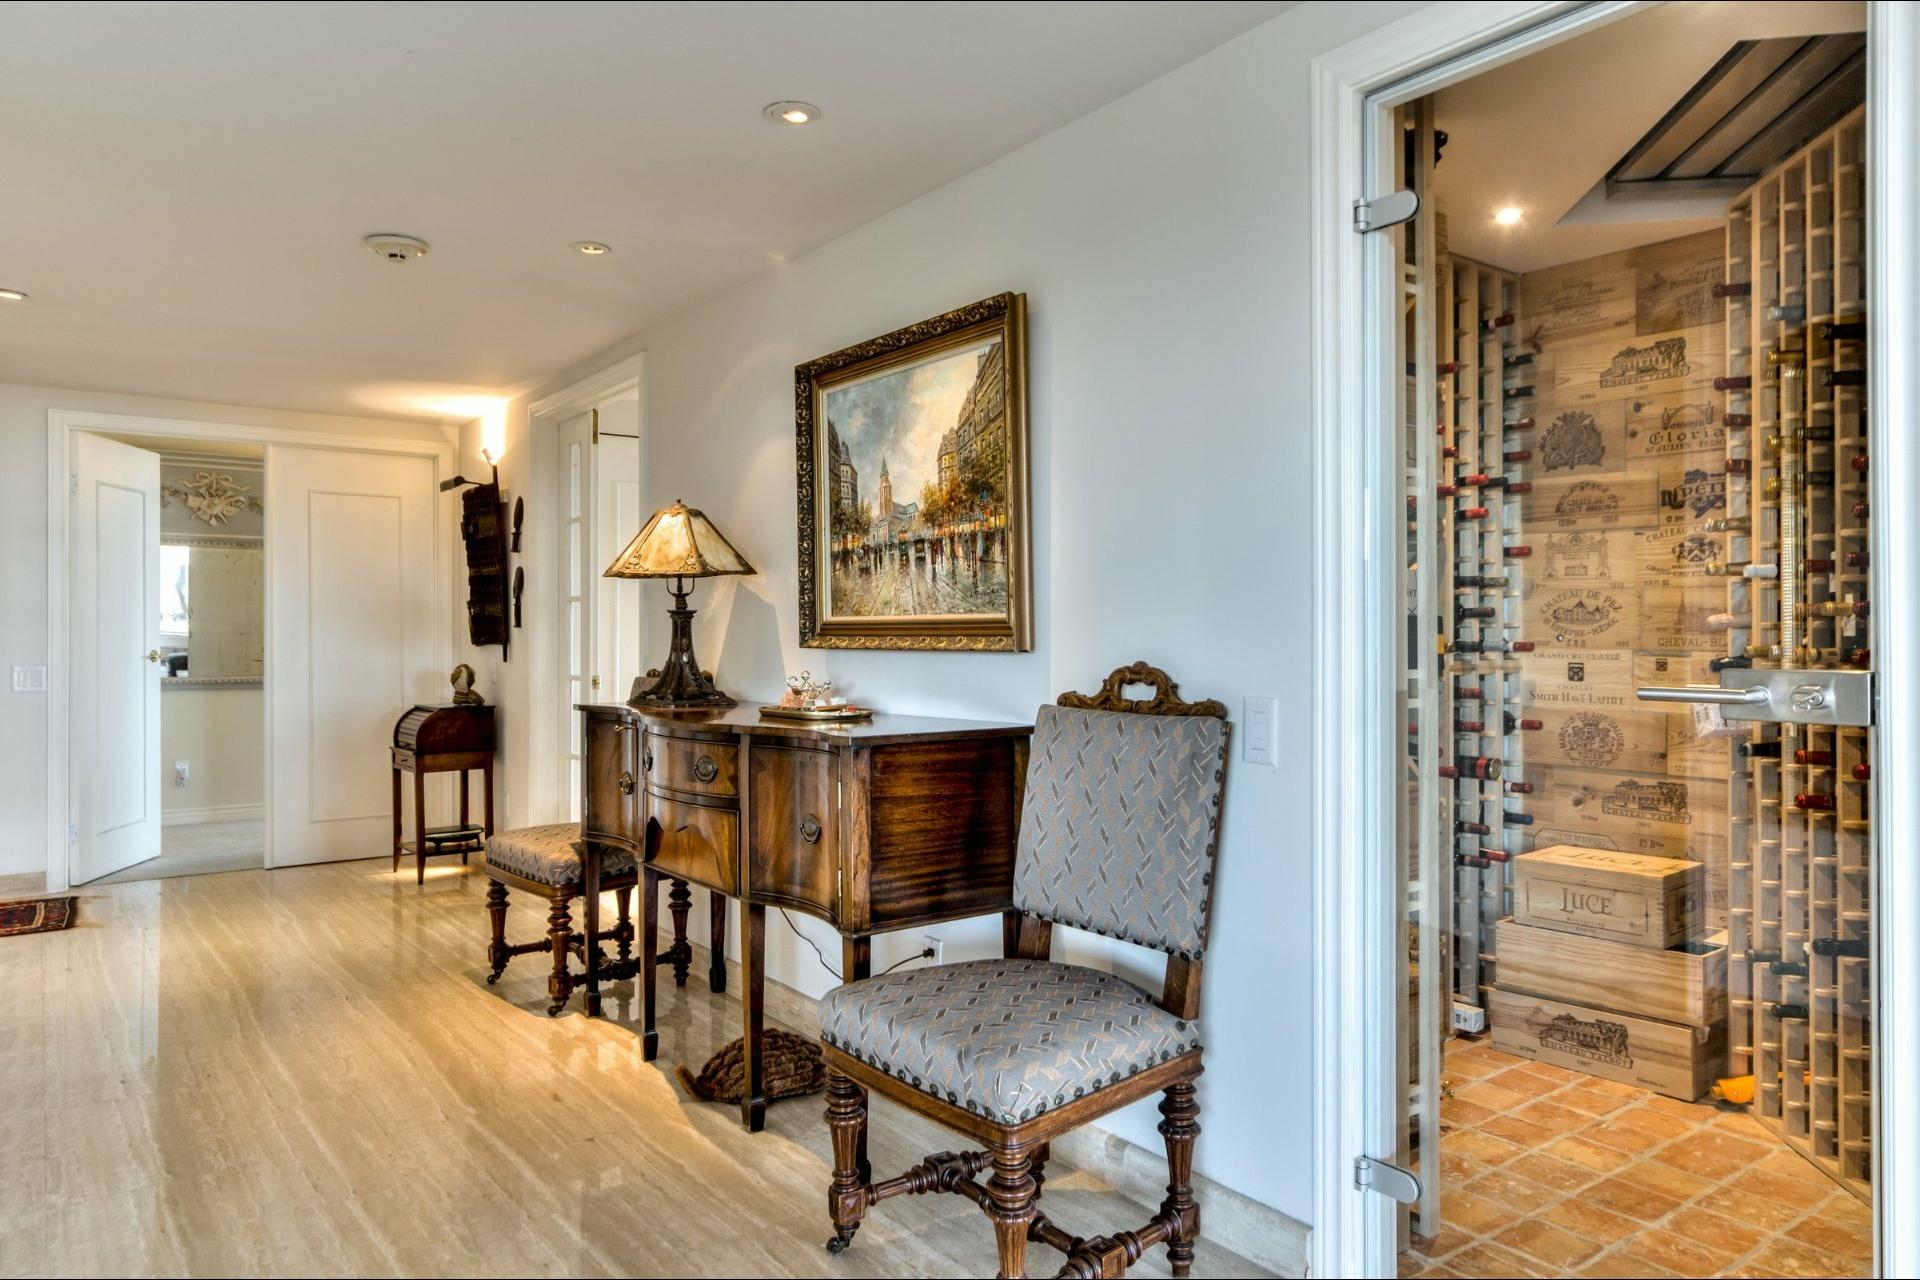 image 10 - Appartement À vendre Côte-des-Neiges/Notre-Dame-de-Grâce Montréal  - 12 pièces